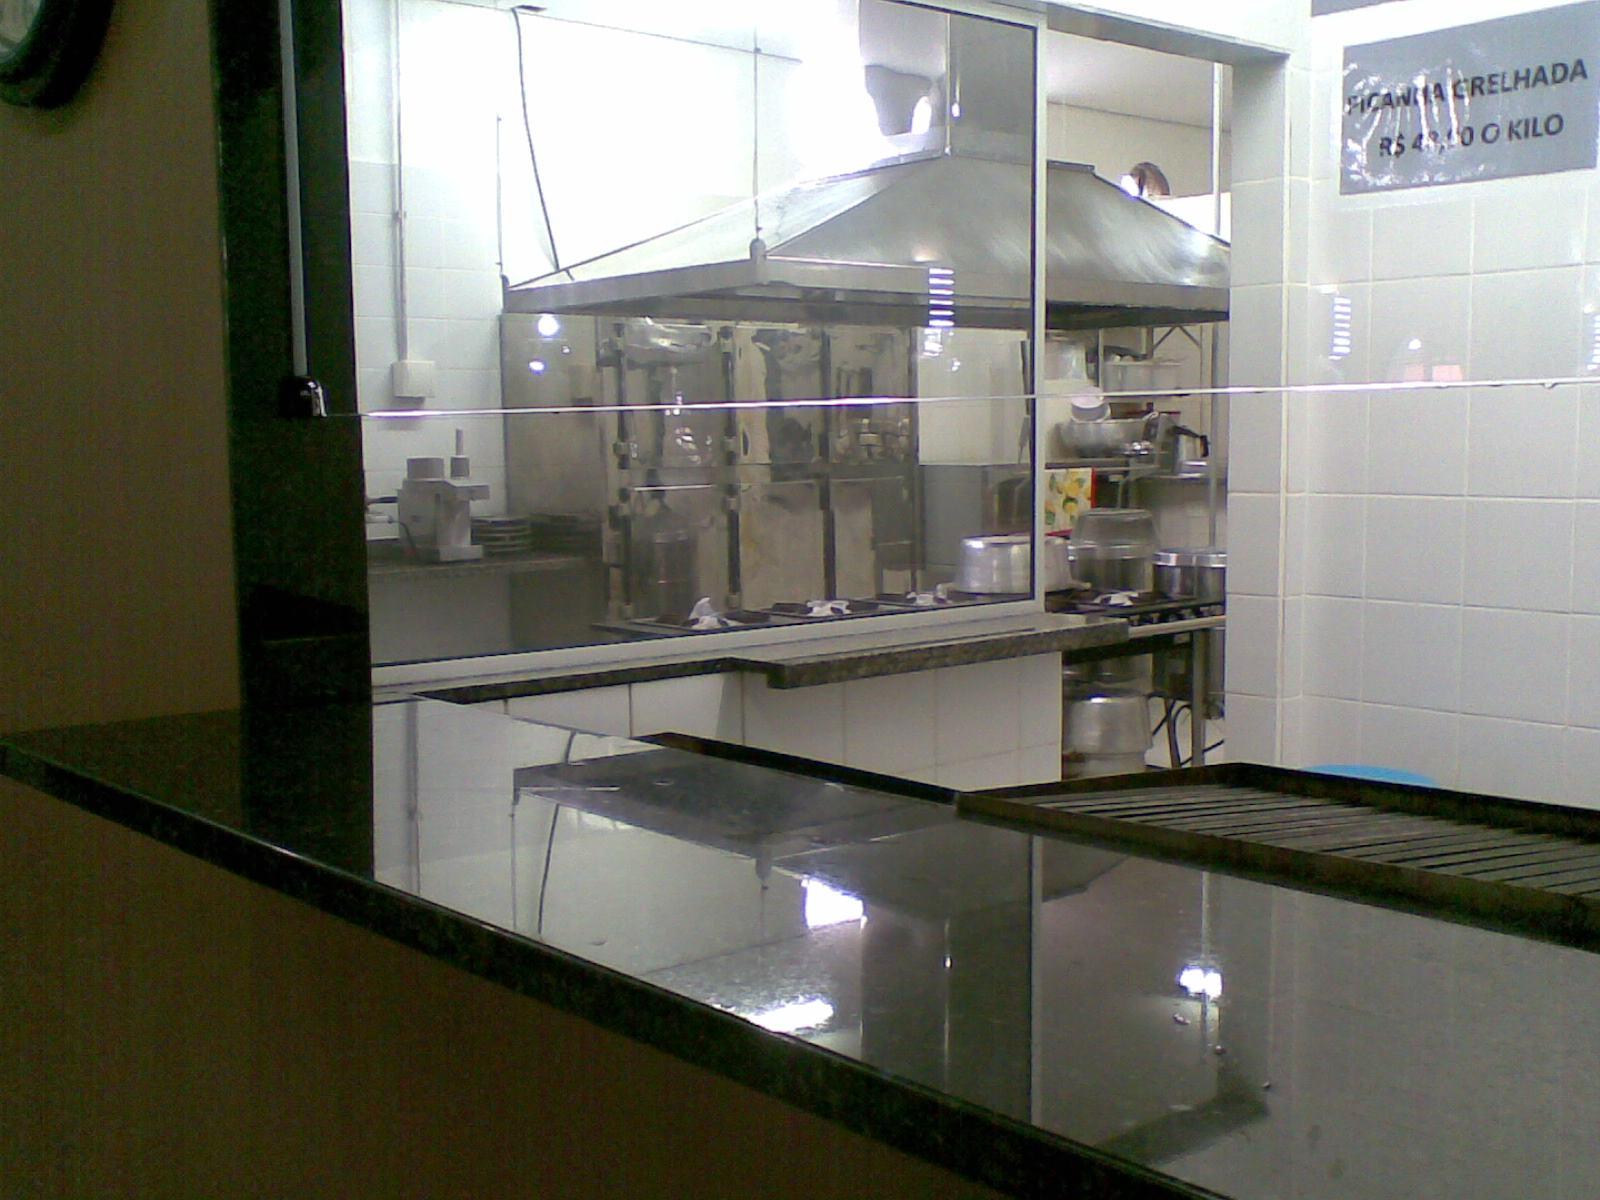 Uma cozinha industrial com grandes vãos em vidro possibilitam que o  #2C2B18 1600 1200